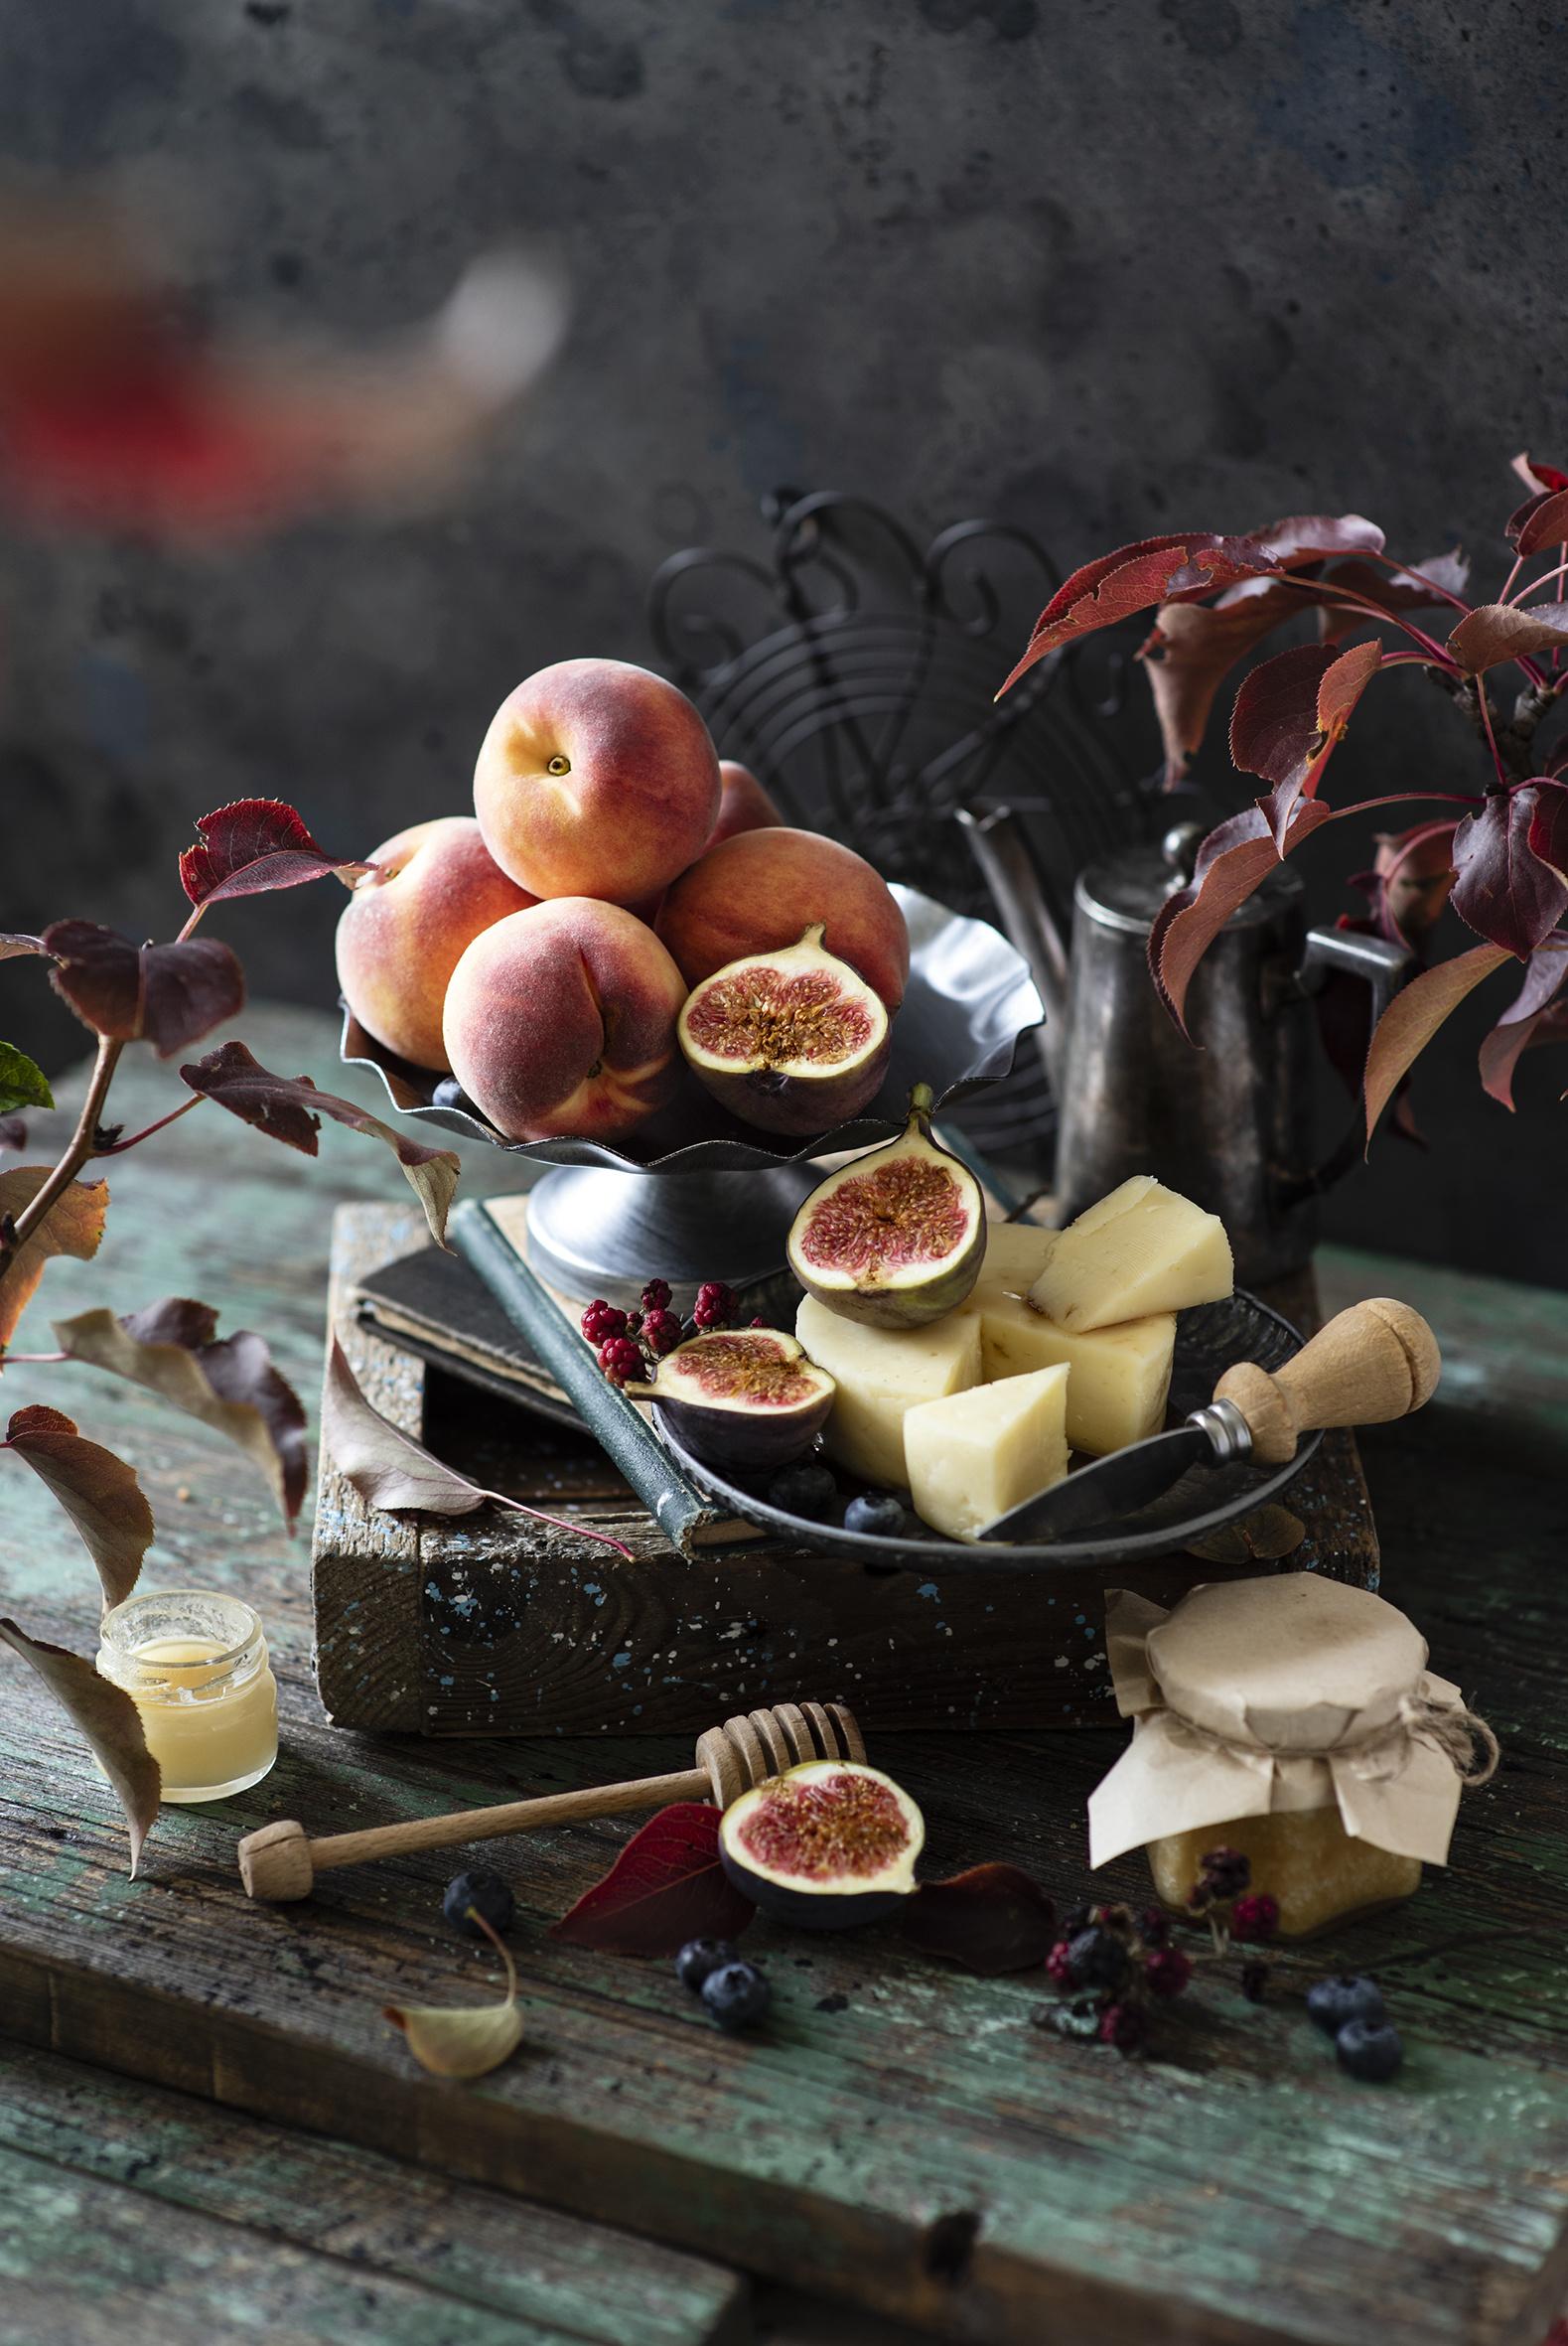 Fotos von Echte Feige Käse Weckglas Pfirsiche Heidelbeeren das Essen Stillleben Bretter  für Handy Einweckglas Lebensmittel